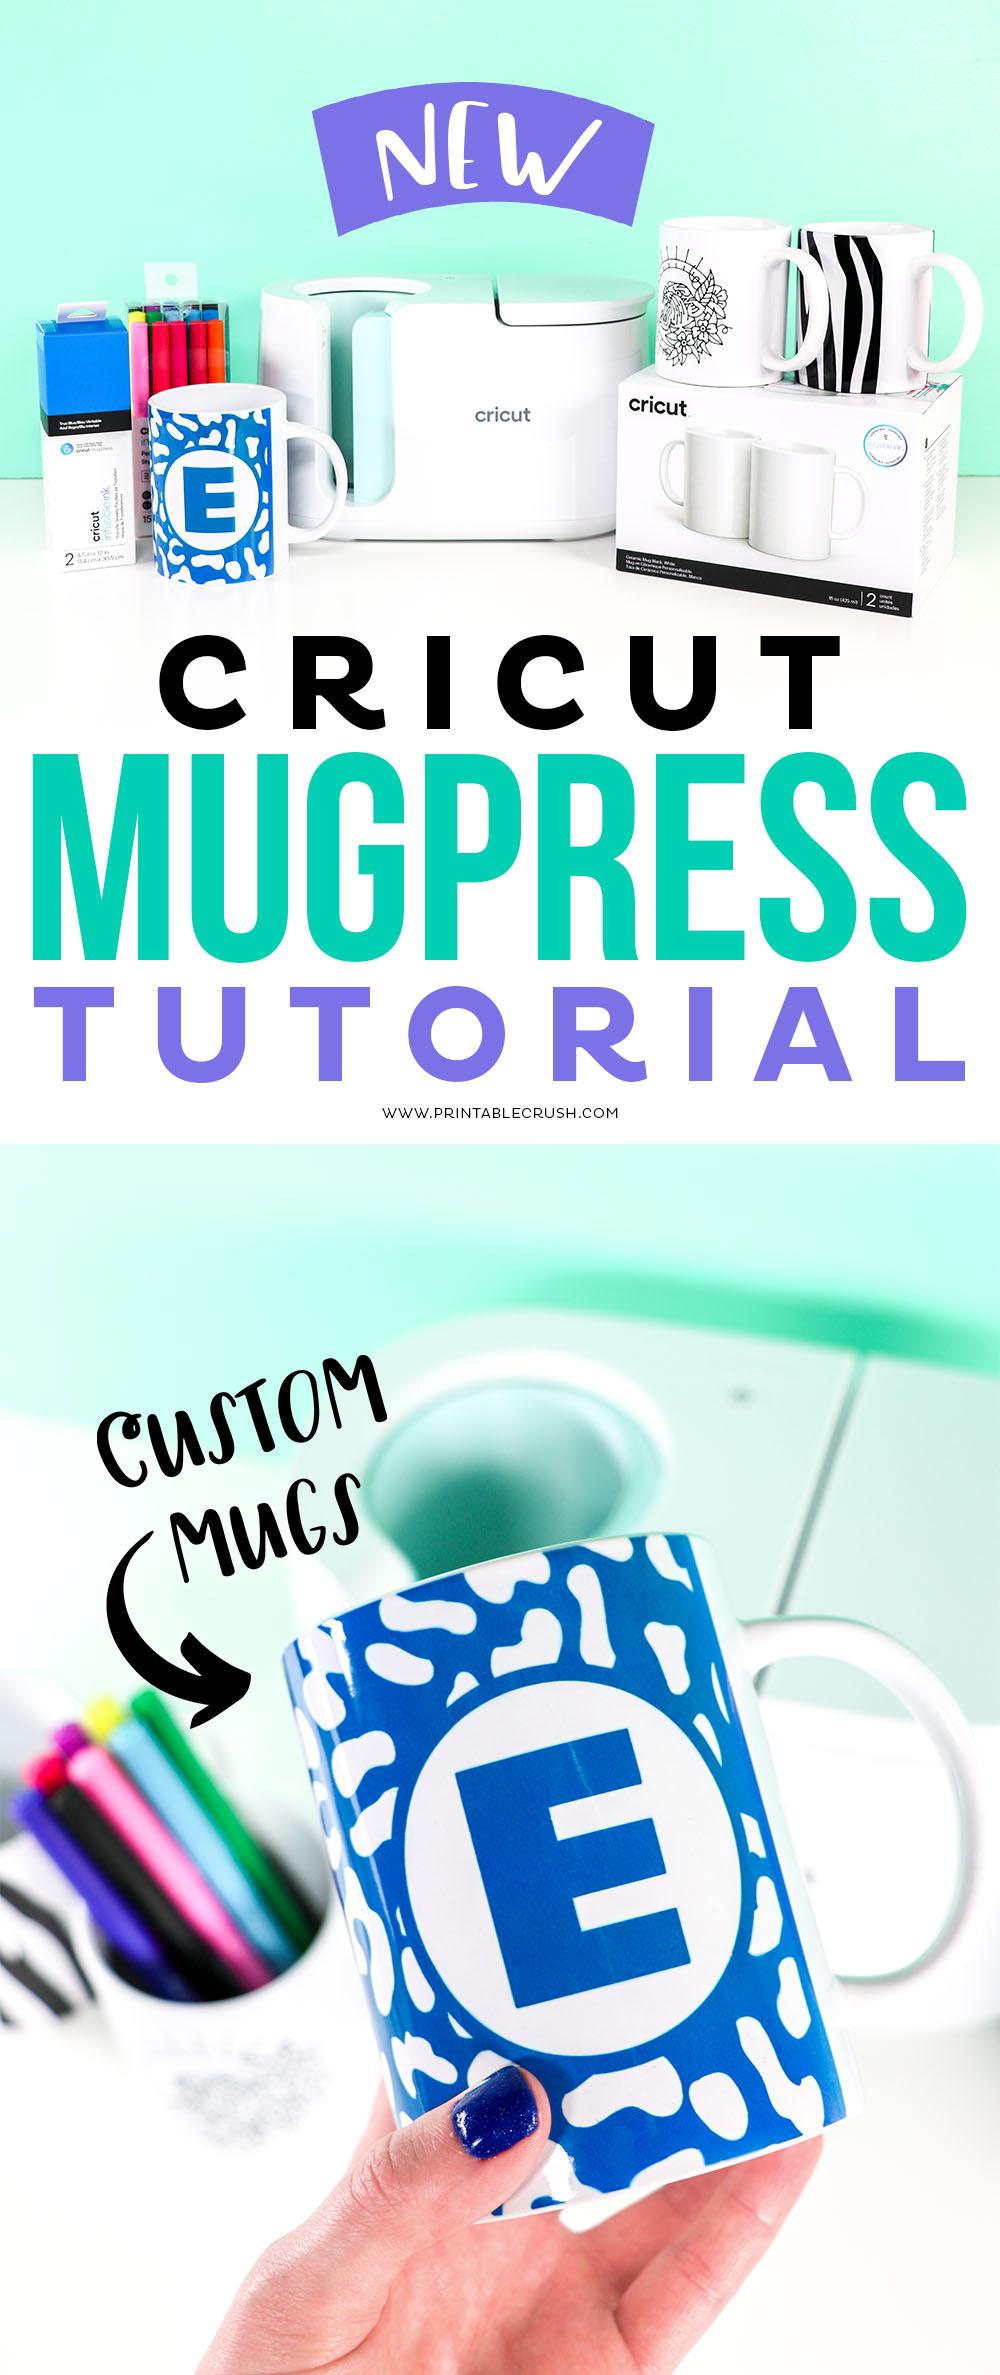 Cricut MugPress Tutorial - Use Infusible Ink Sheets to make amazing animal print DIY Mugs - Printable Crush via @printablecrush